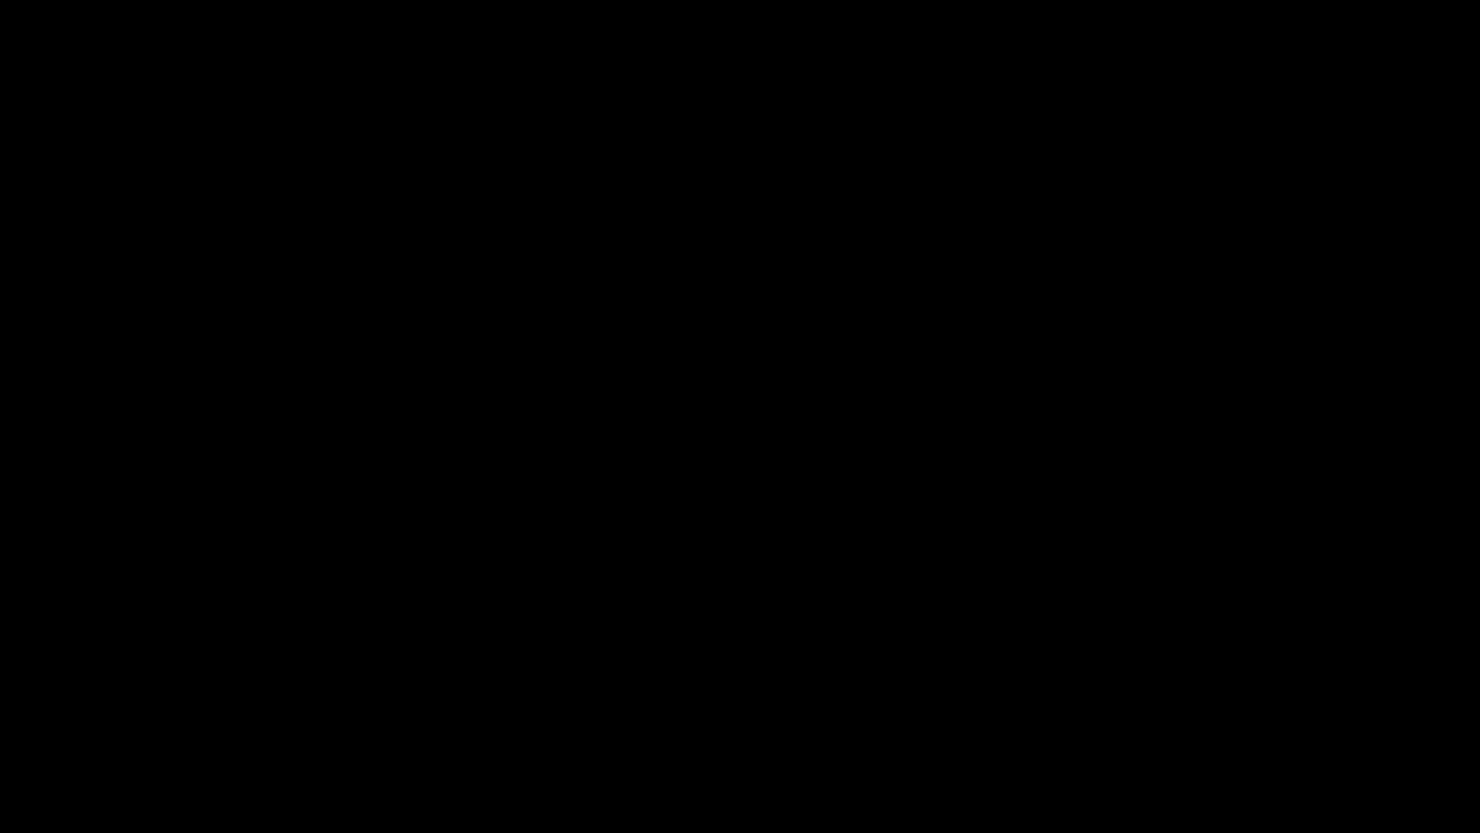 arasaka_logotype_black